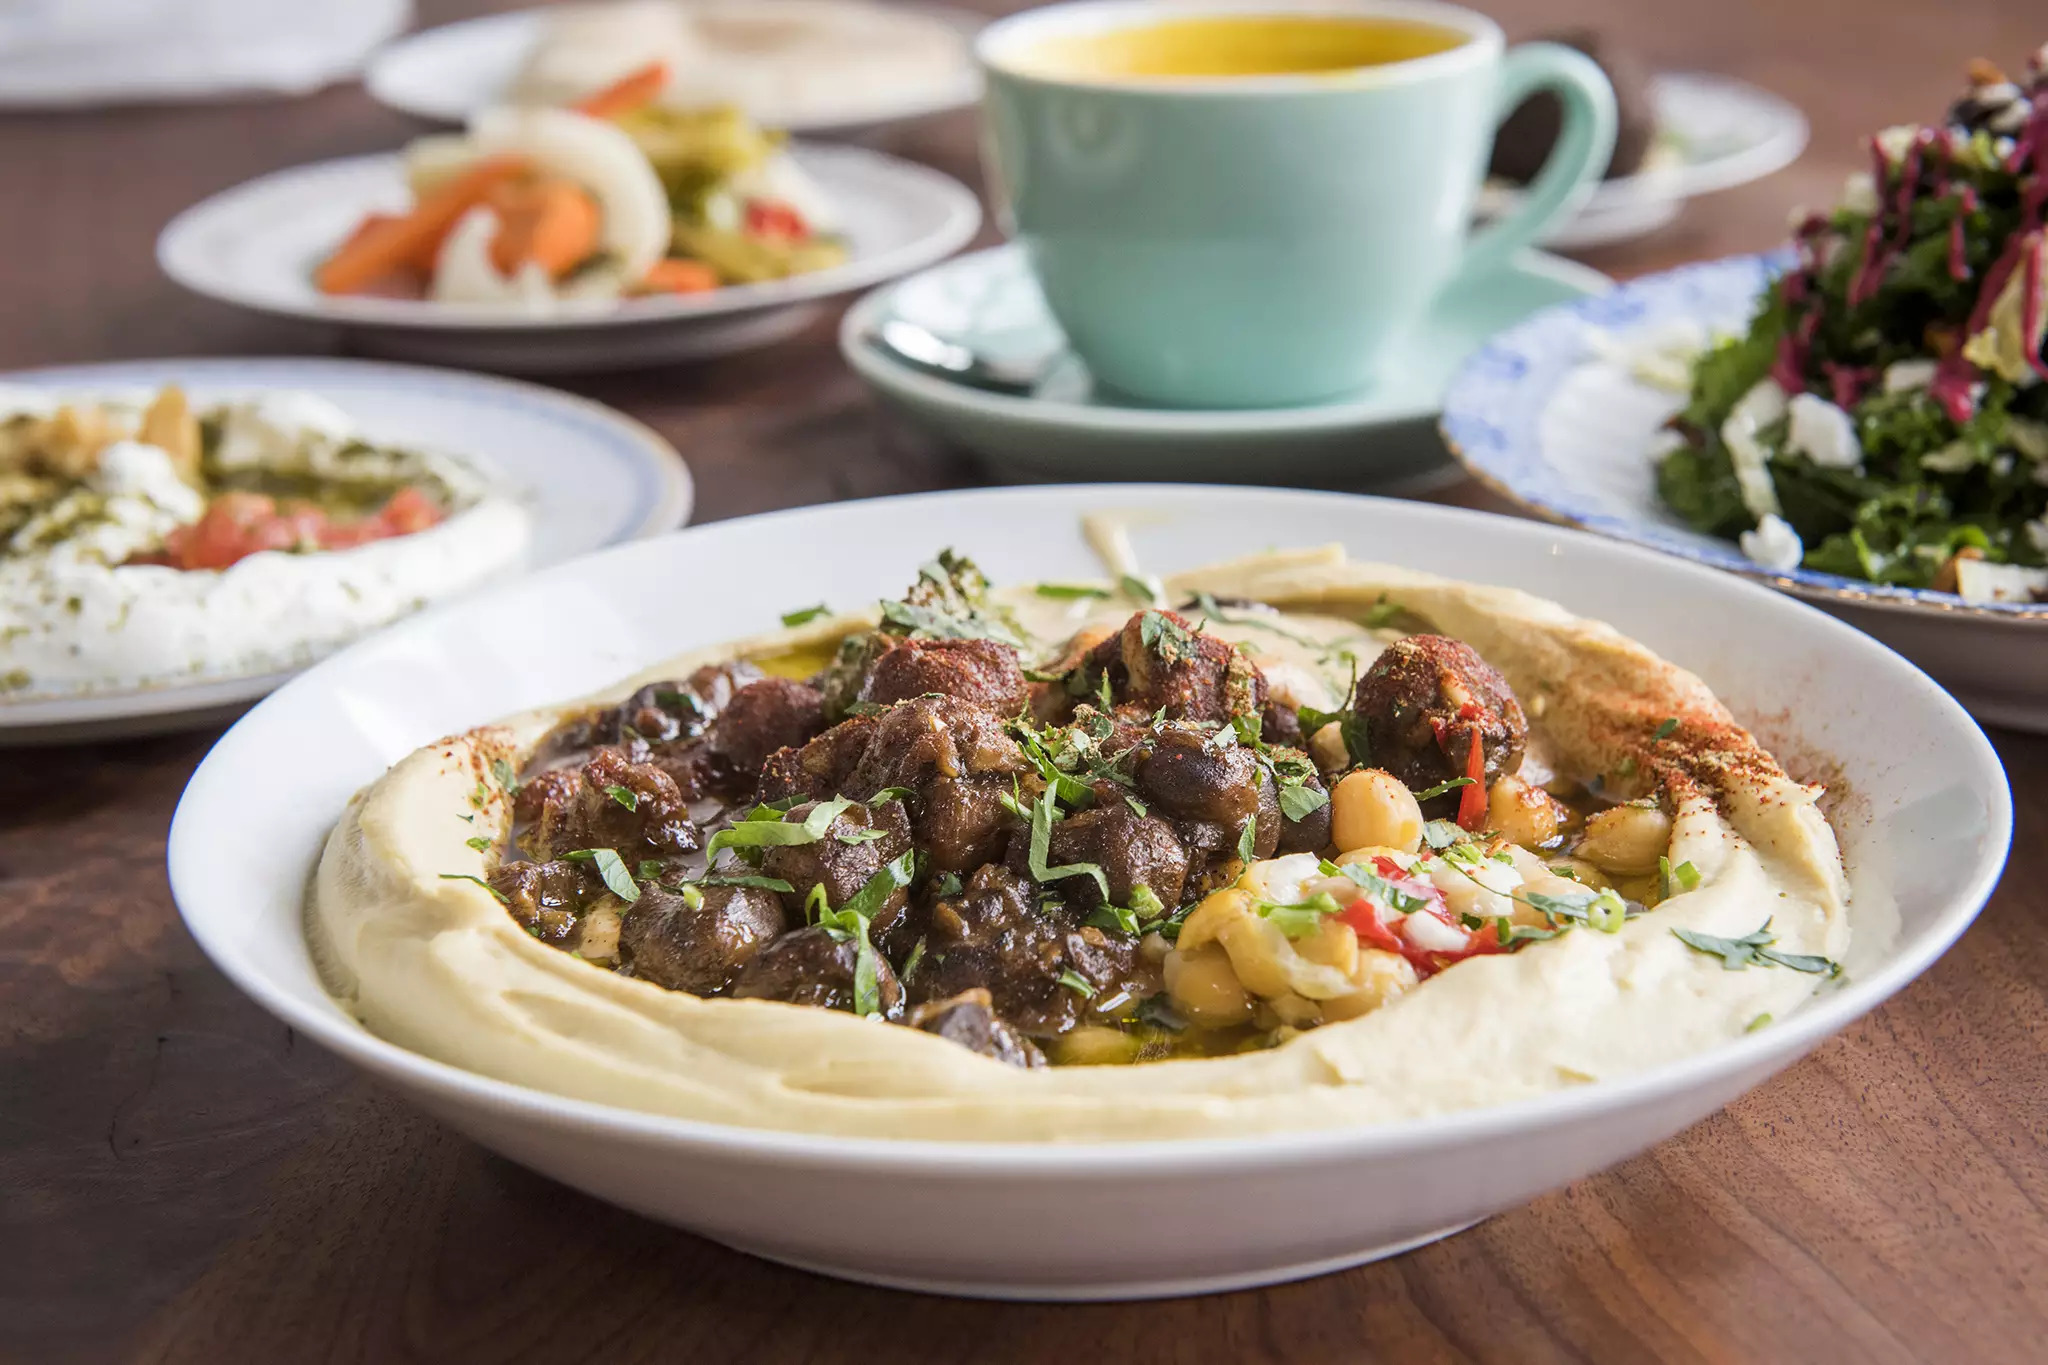 Hummus dishes at a hummus restaurant